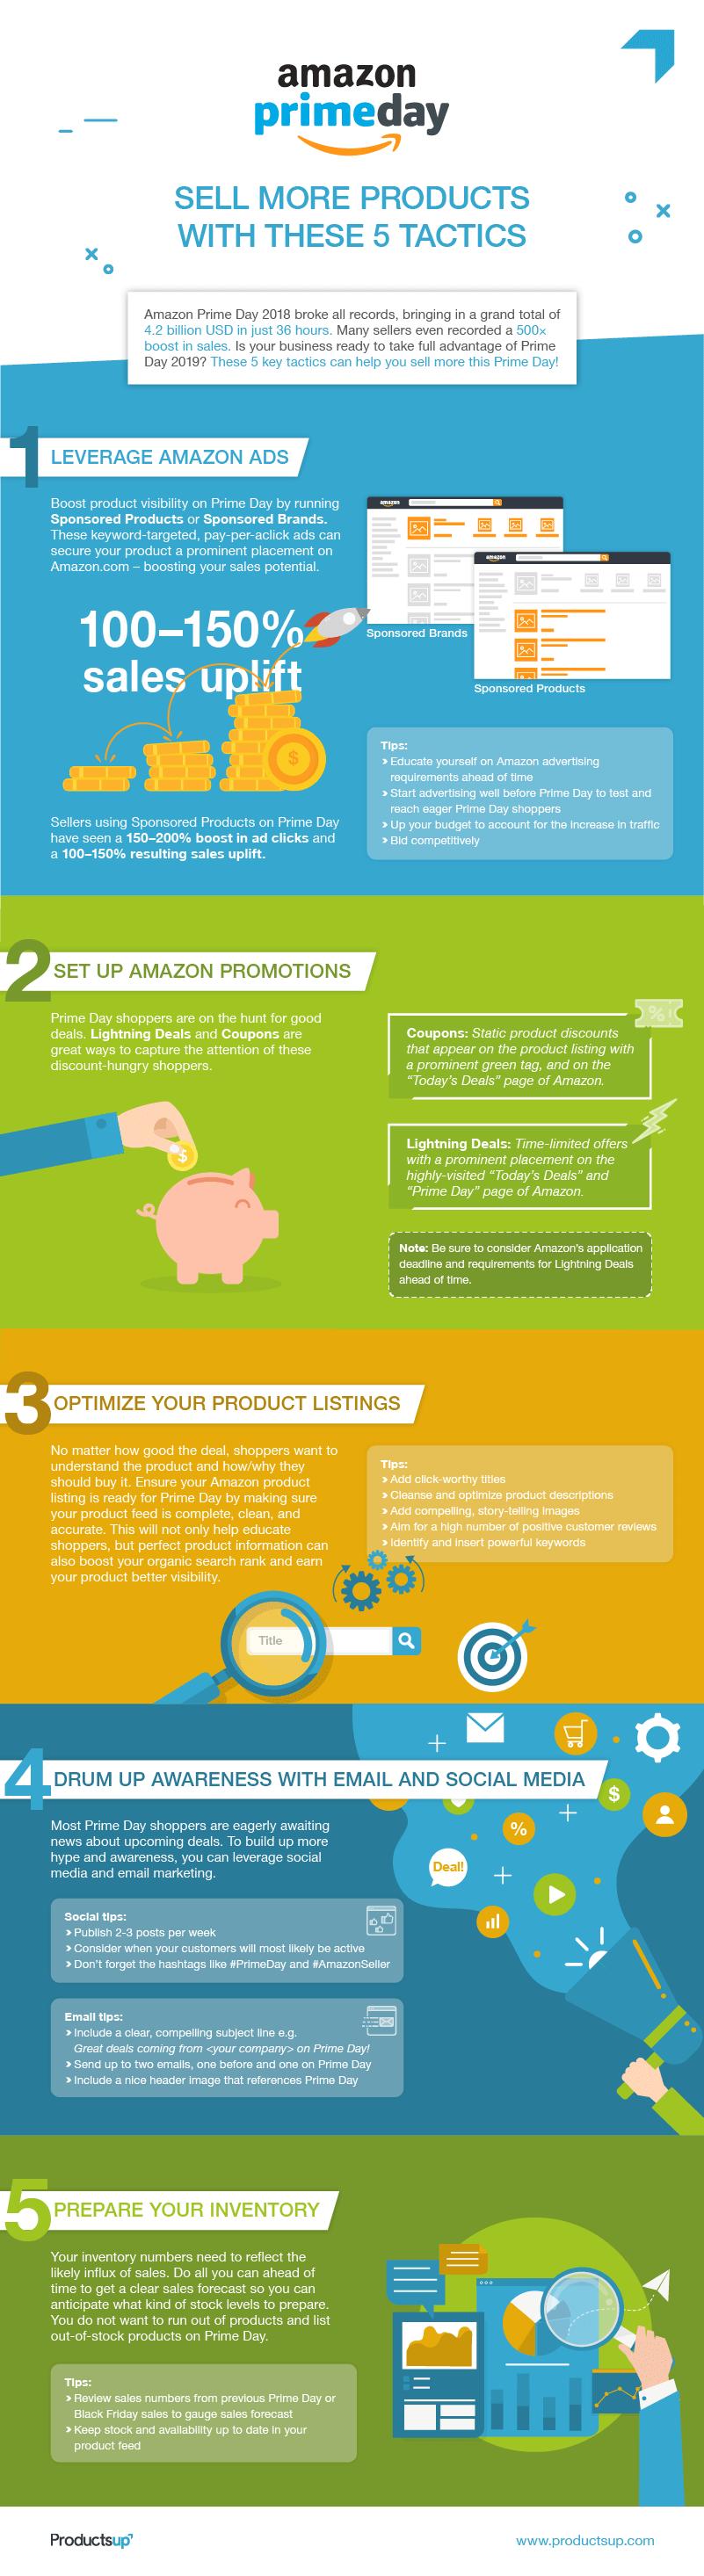 Amazon_Prime_Day_infographic